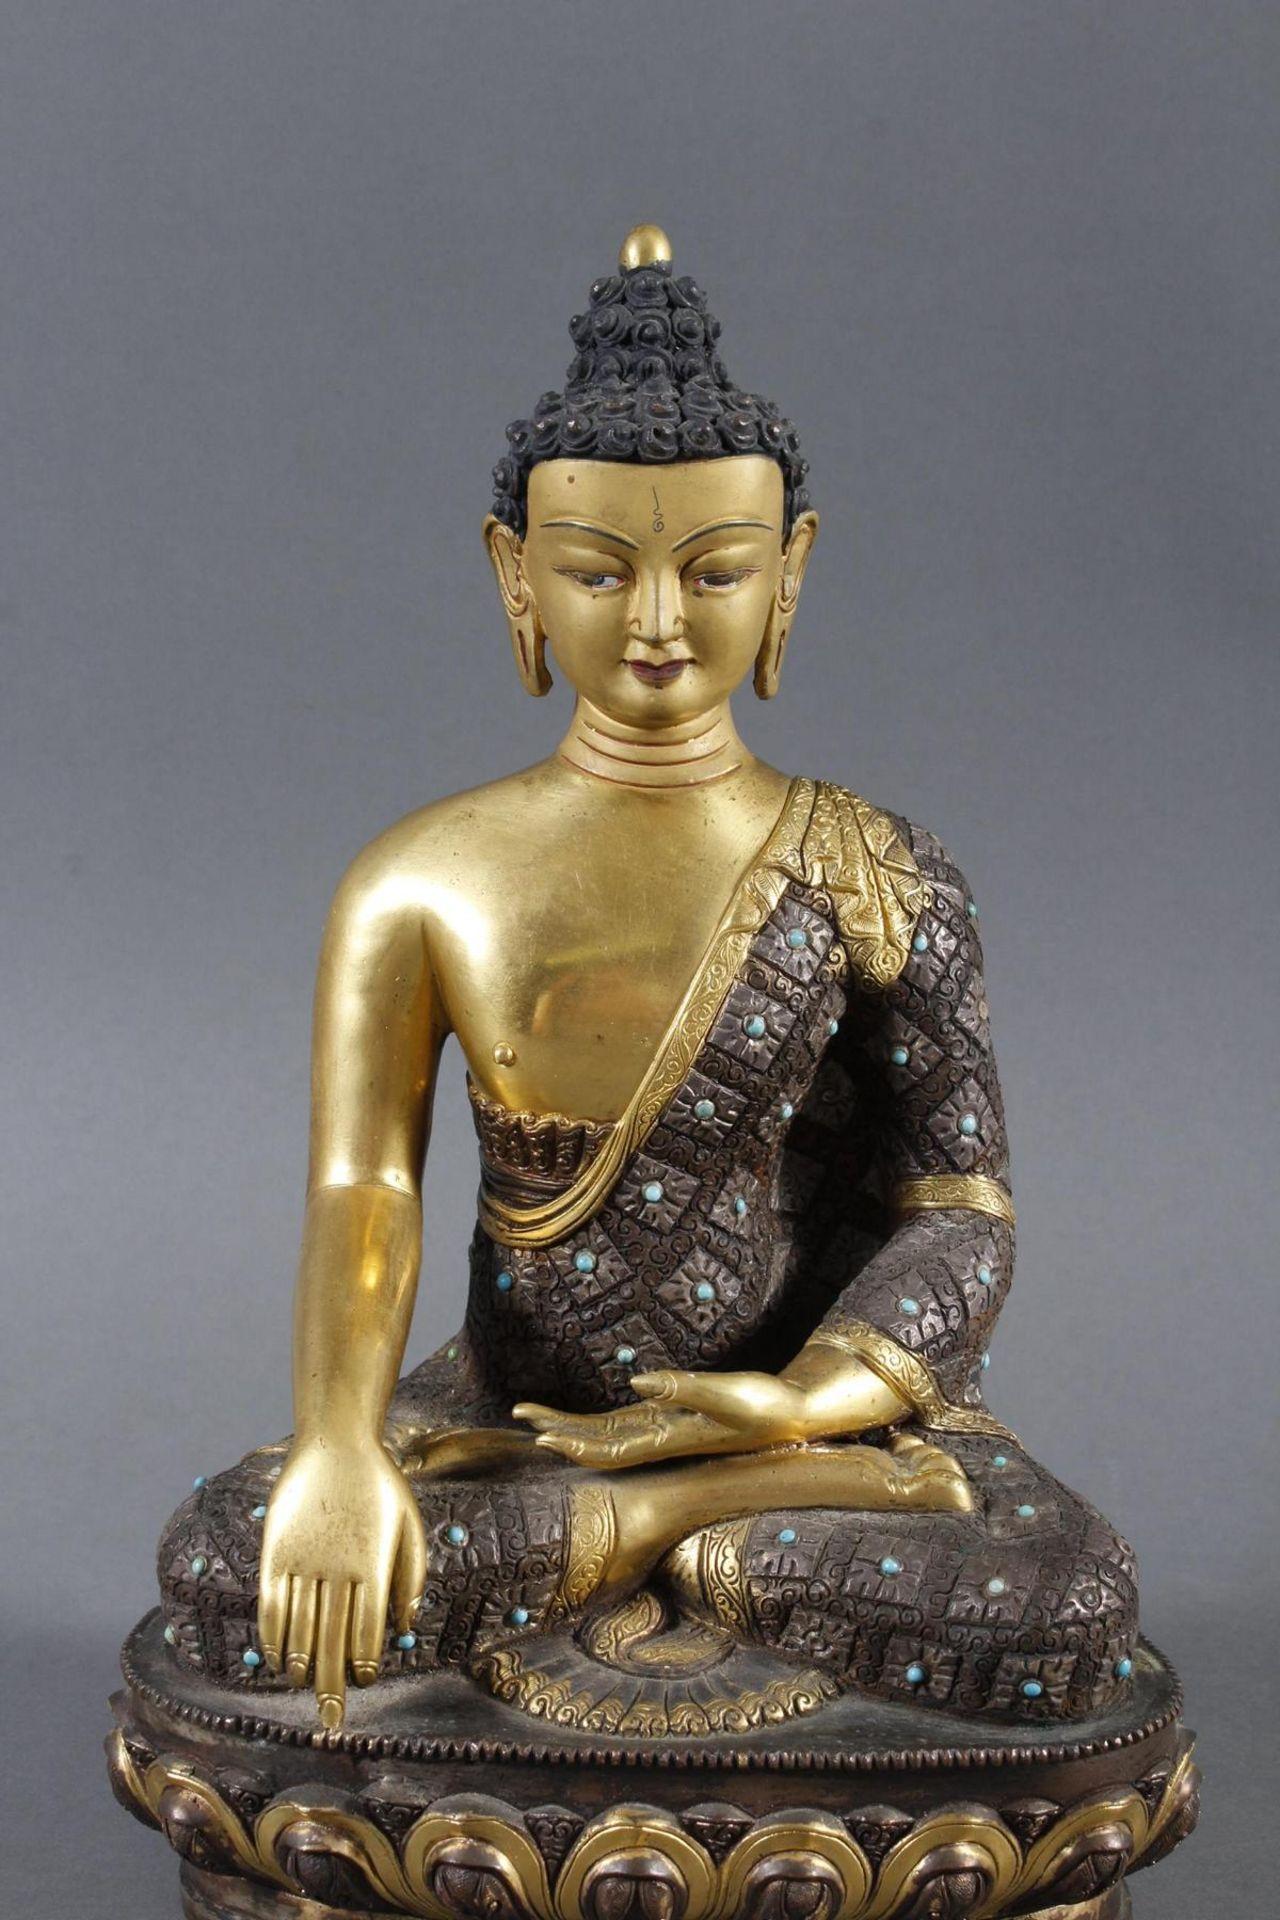 Bronze des Buddha Shakyamuni in der Erdberührungsgeste auf Lotospodest - Bild 5 aus 10